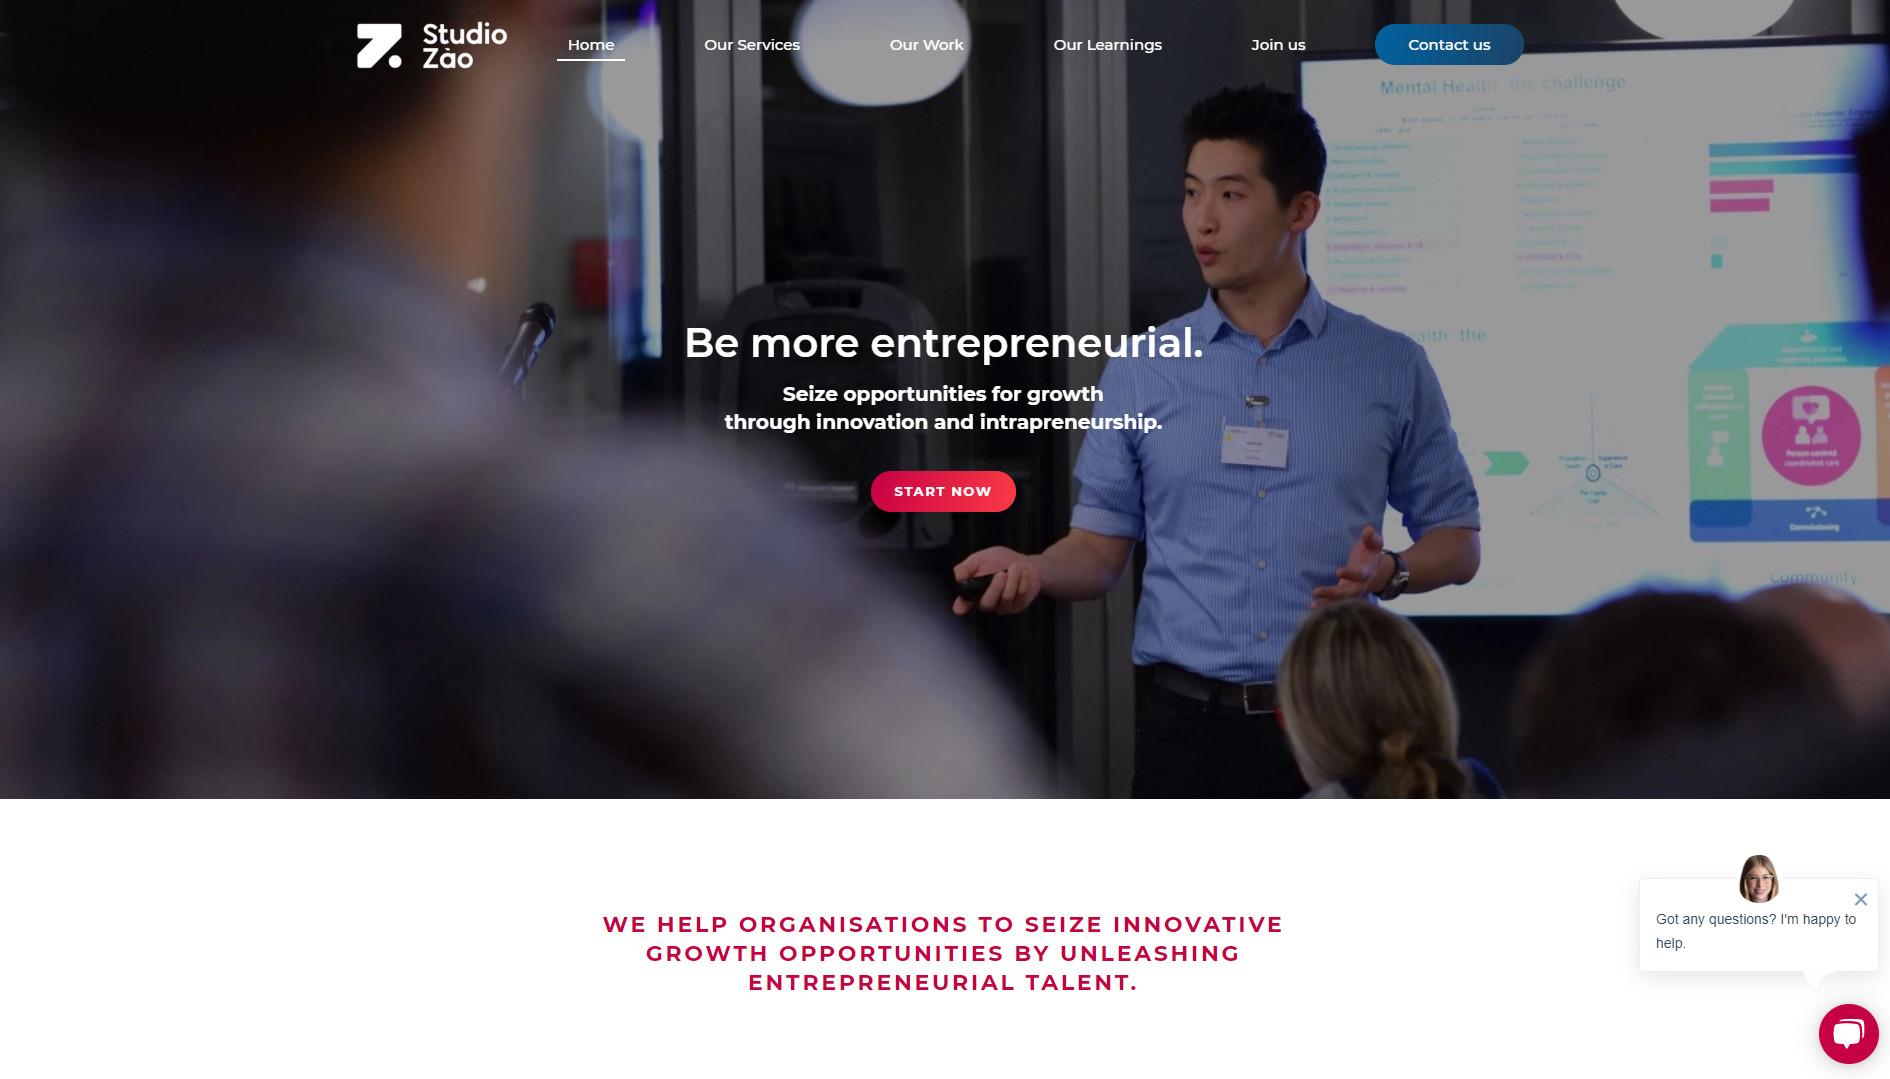 studiozao.com